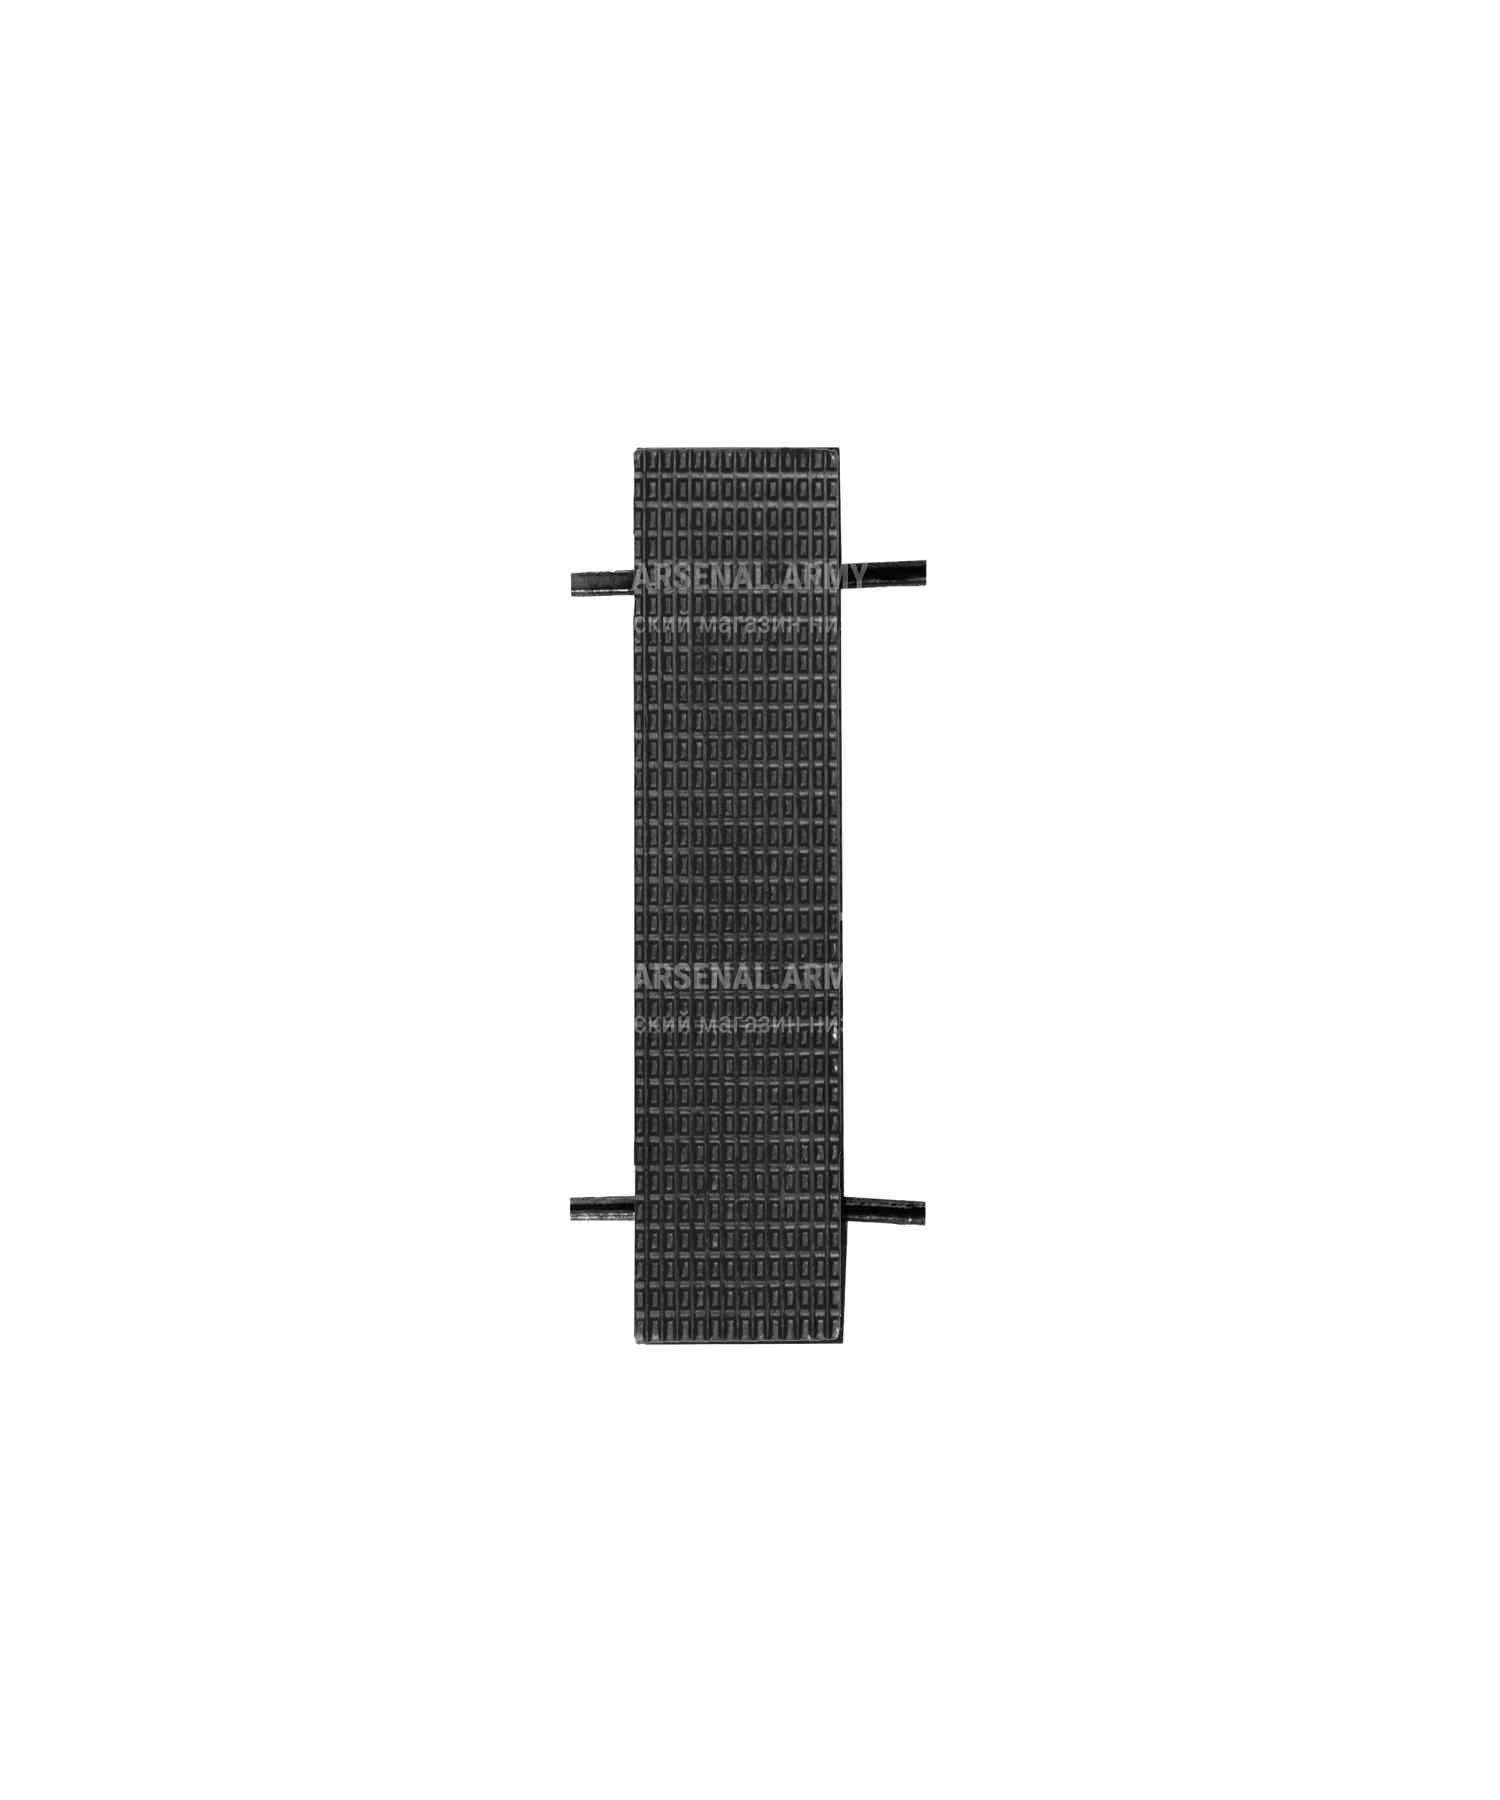 Лычка 10x45 мм ФСИН